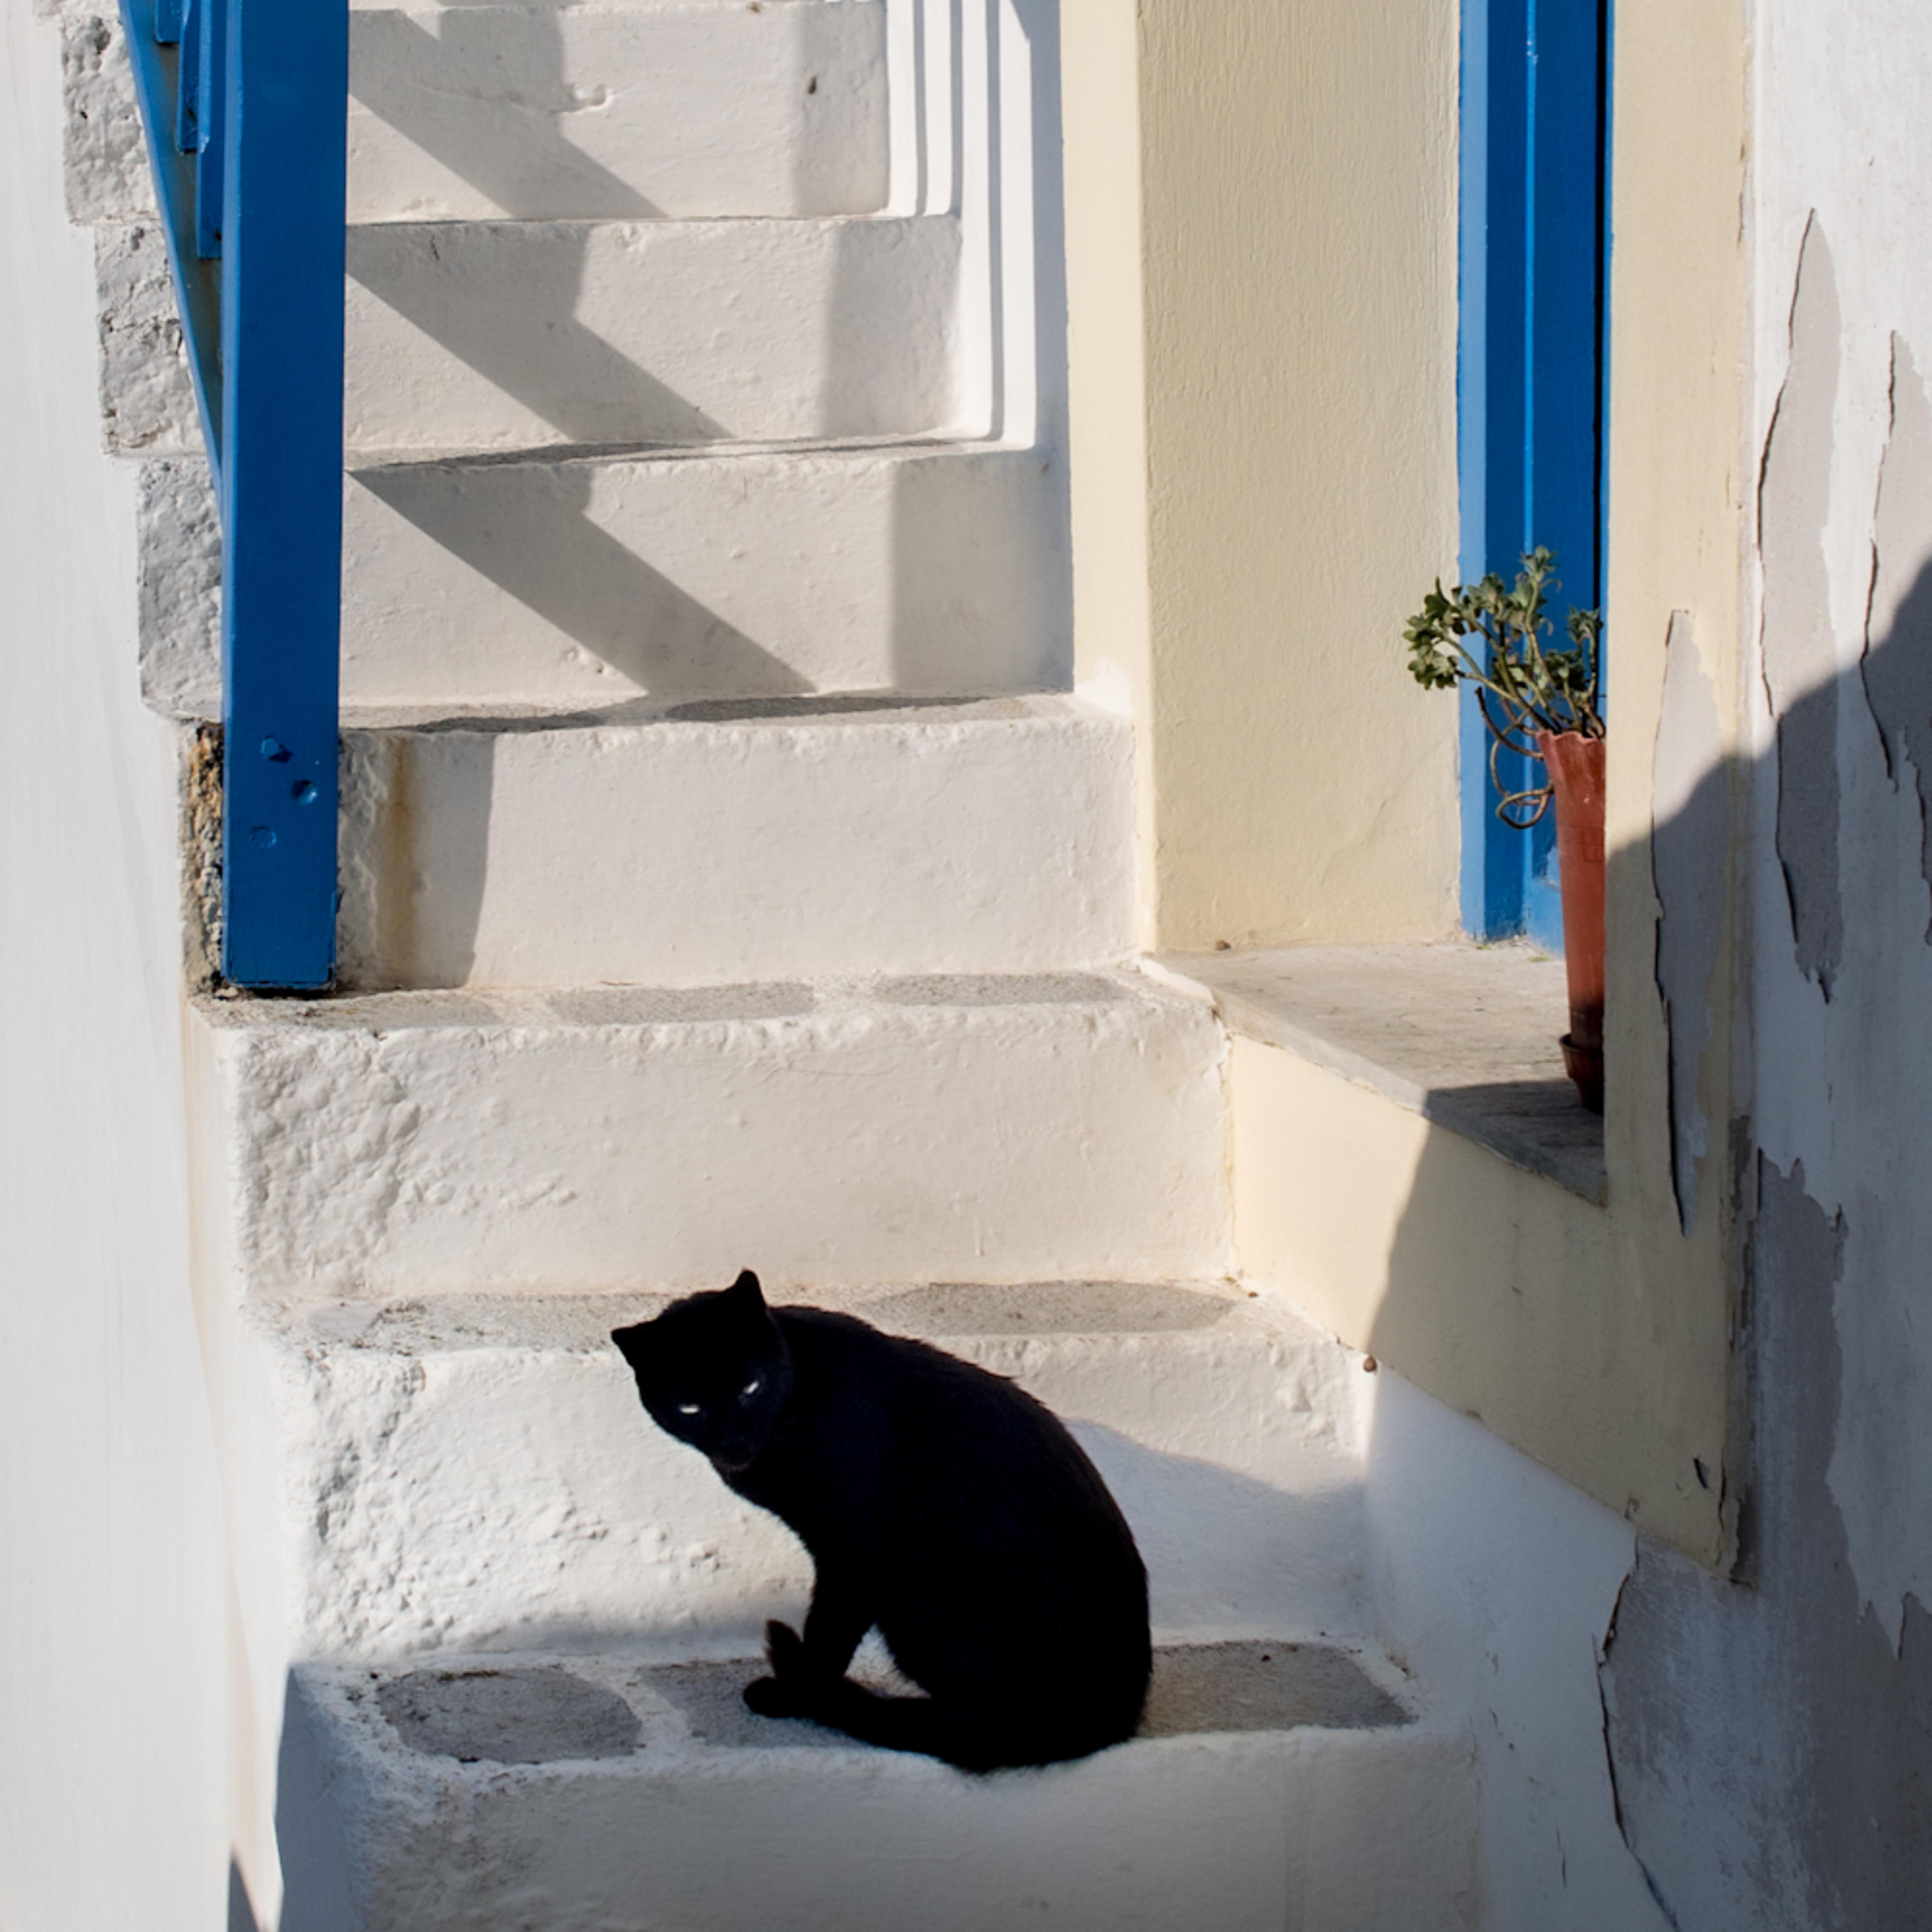 Black cat guarding steps asen0372 ecndyx